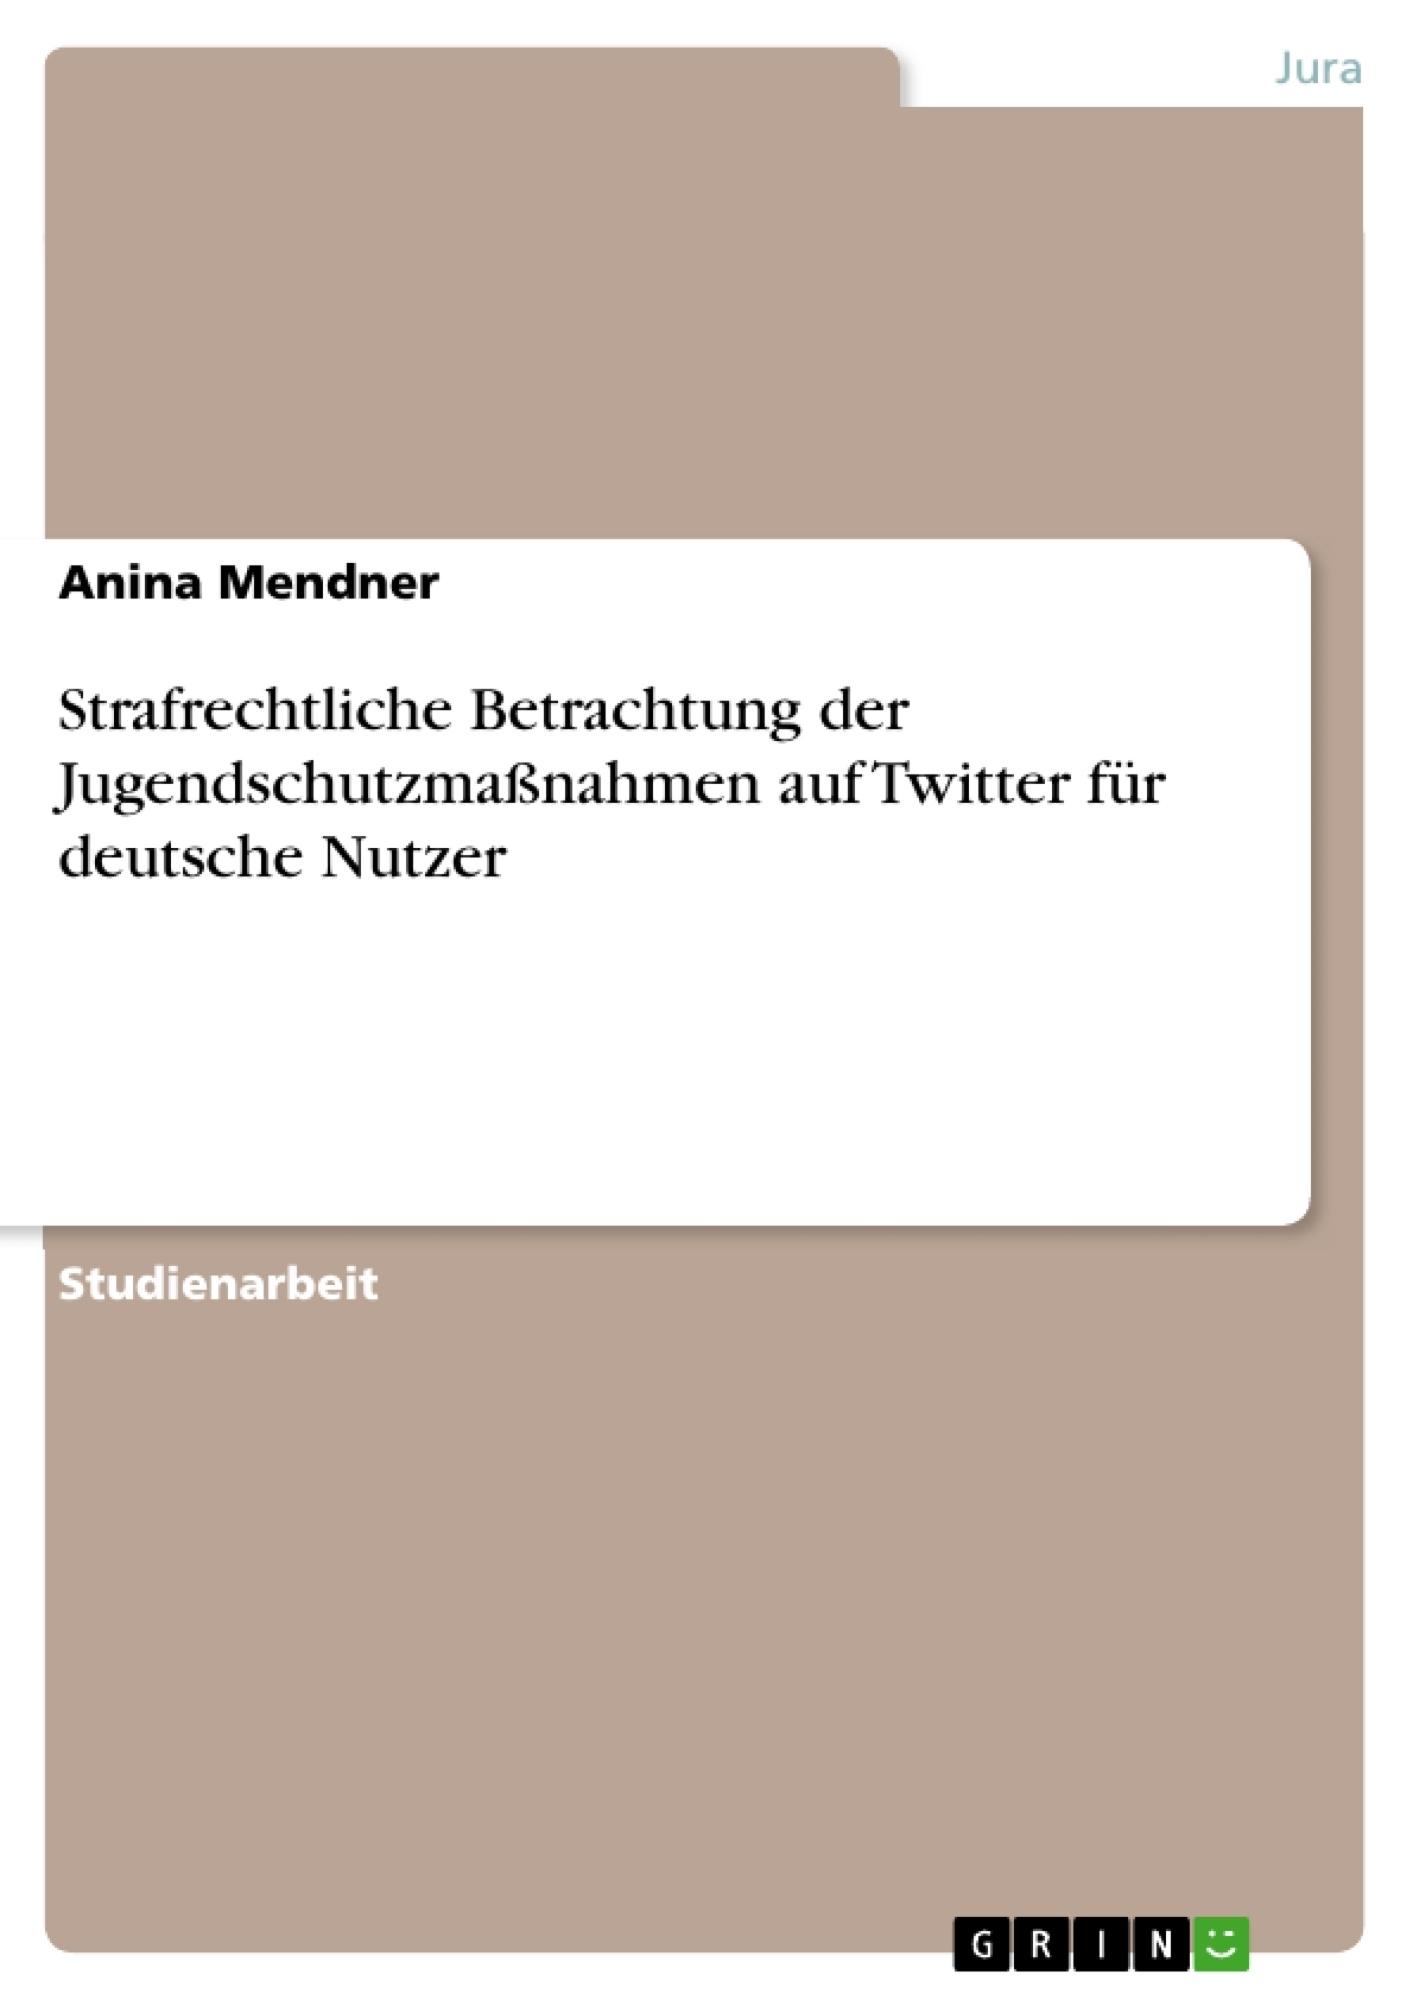 Titel: Strafrechtliche Betrachtung der Jugendschutzmaßnahmen auf Twitter für deutsche Nutzer